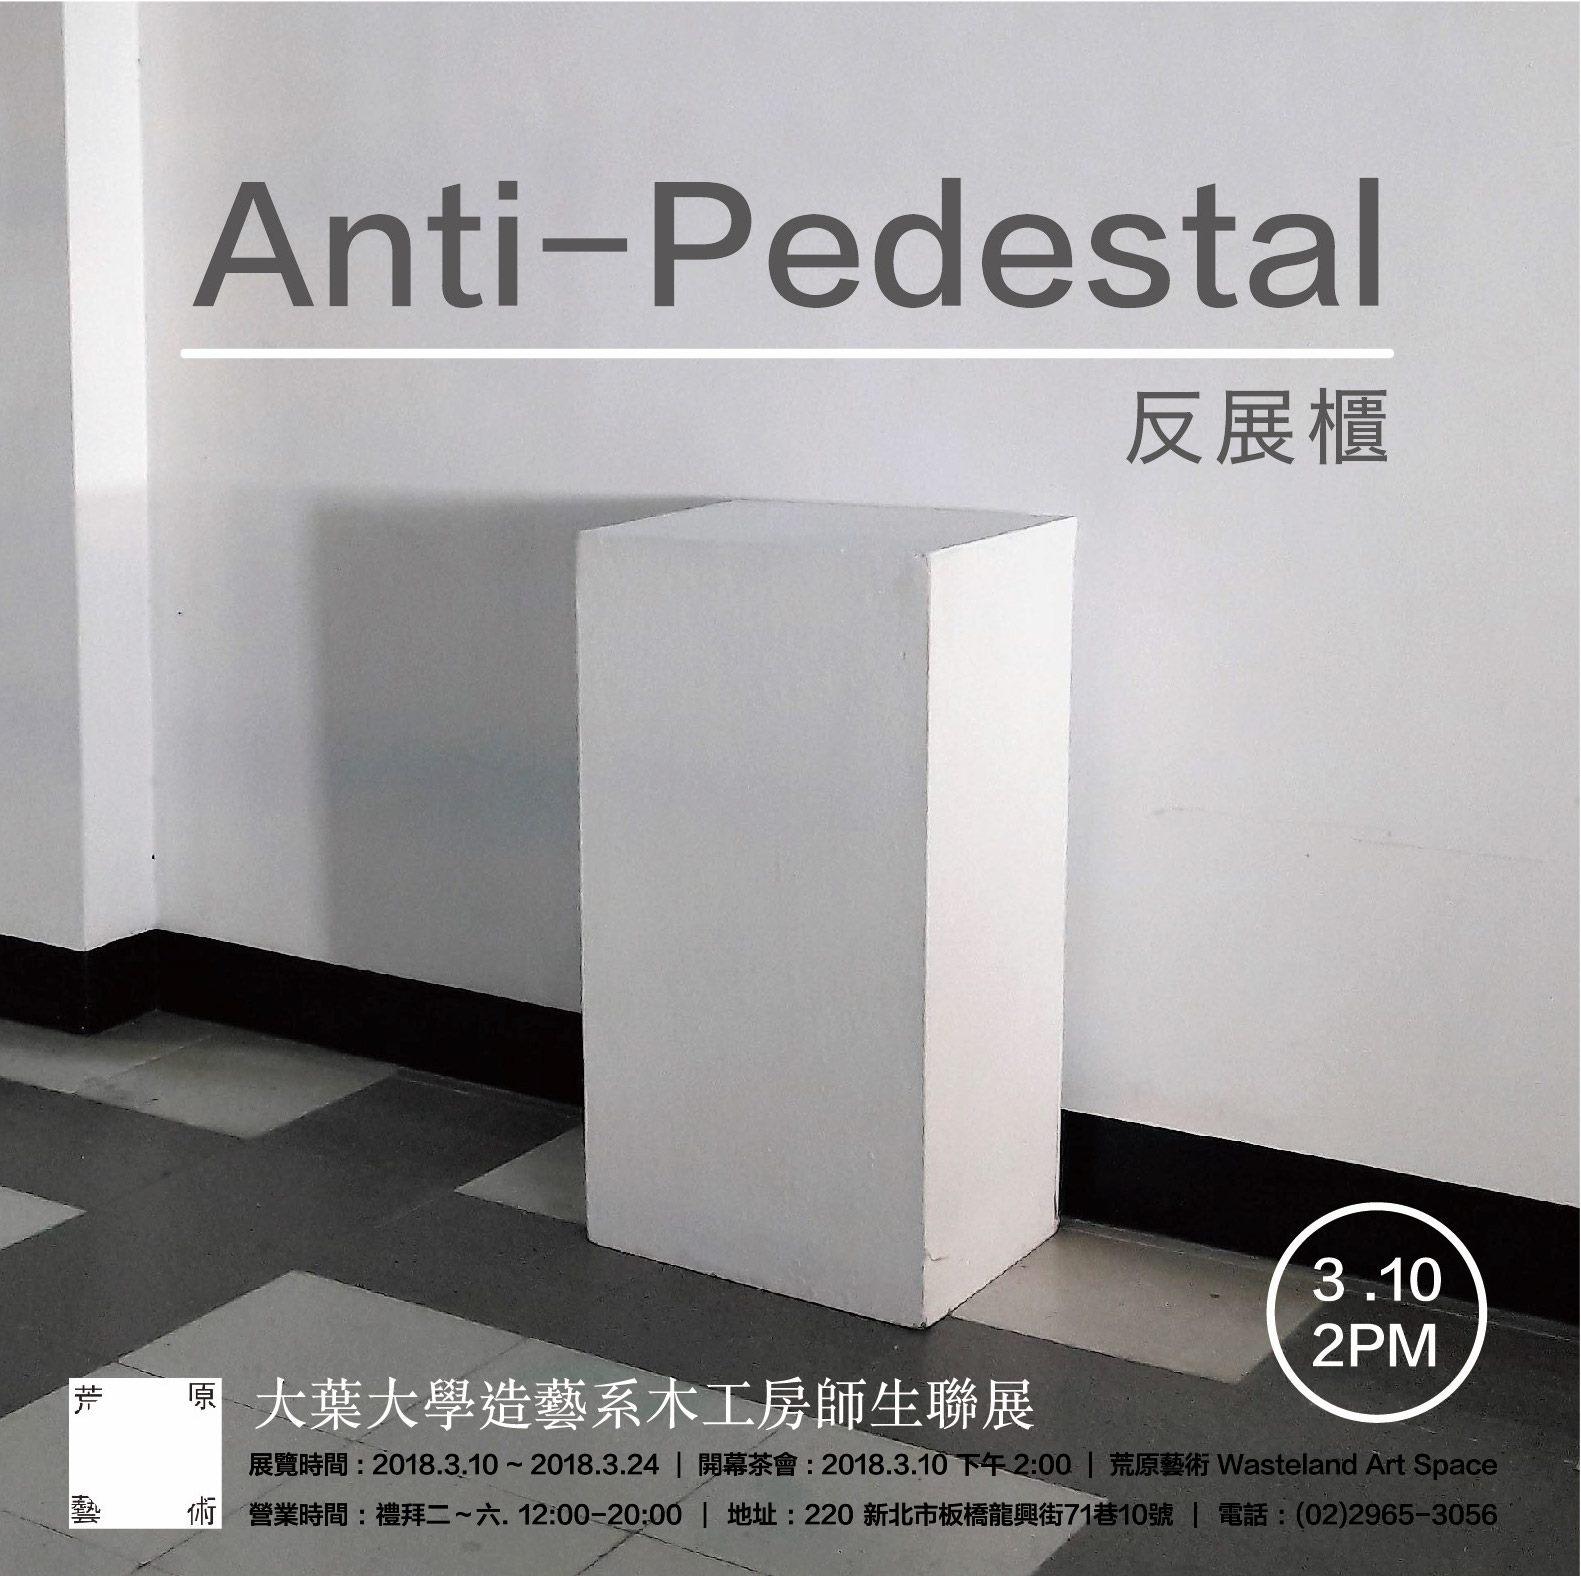 【展覽資訊 [ Anti-Pedestal 反展櫃 ]– 大葉大學造藝系木工房師生聯展】